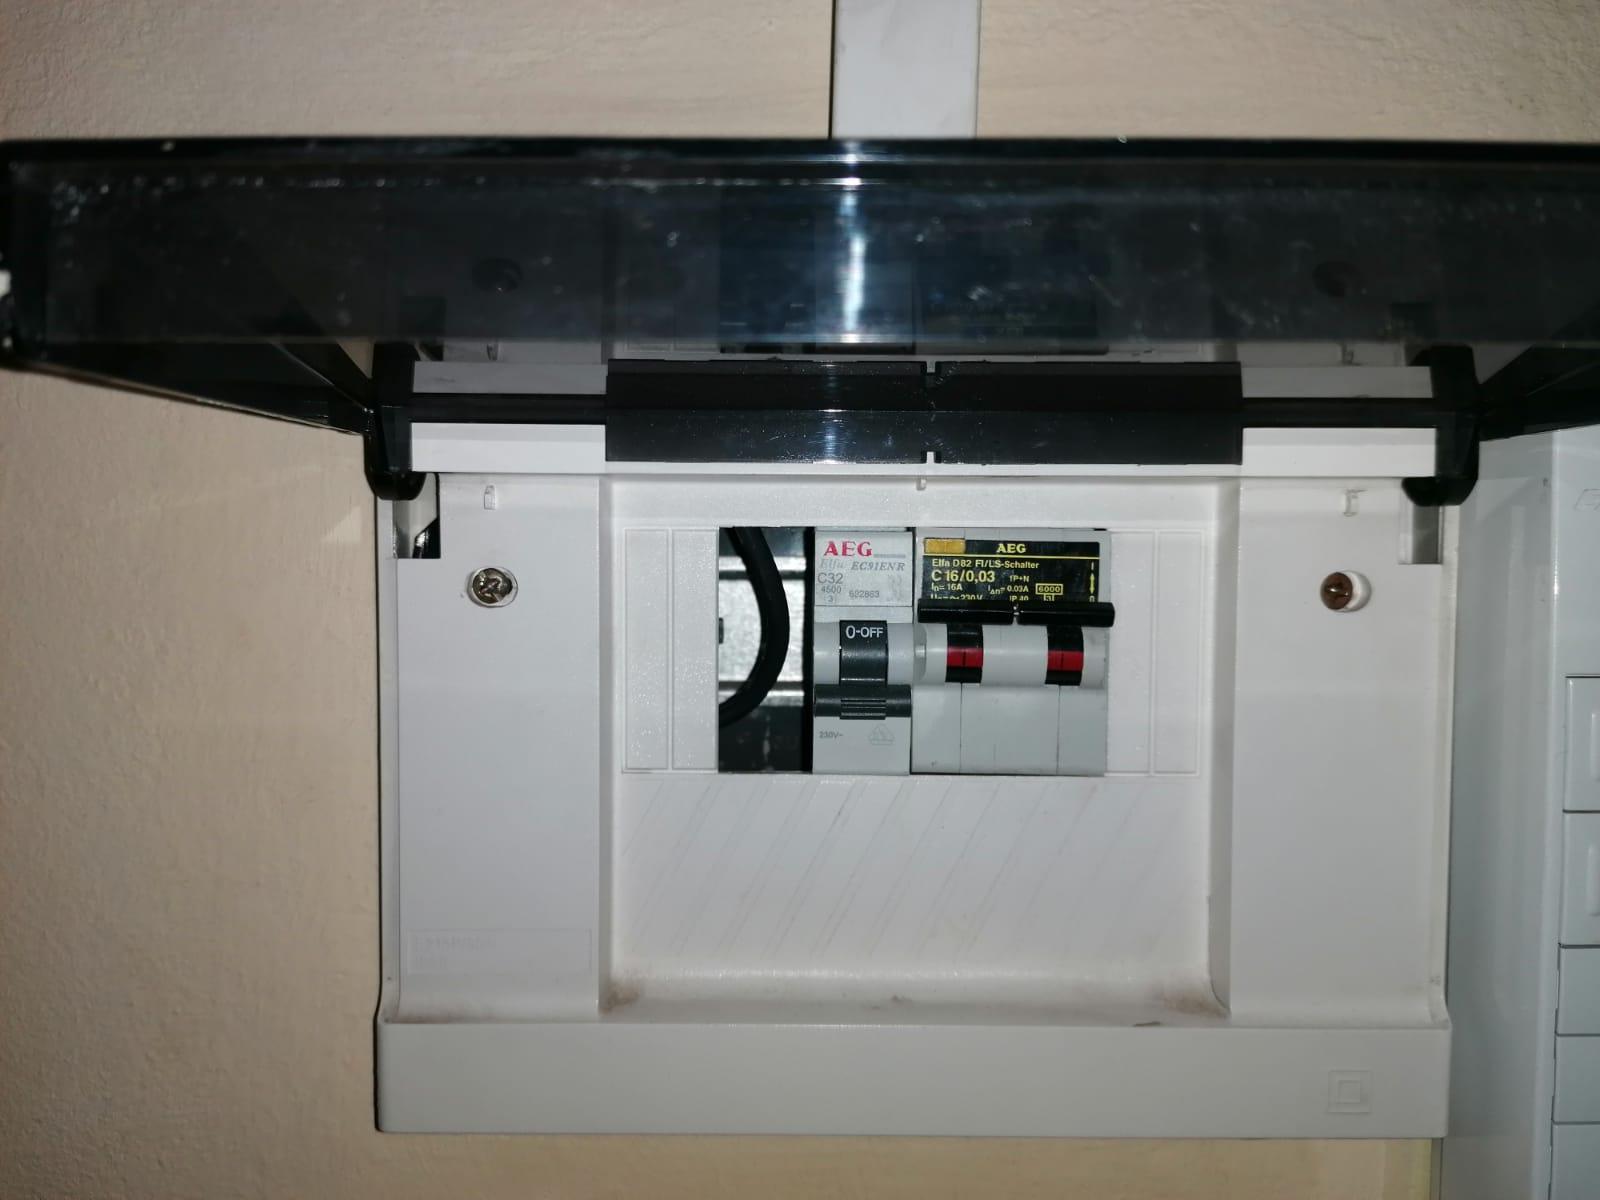 interrutore elettrico per impianto FV